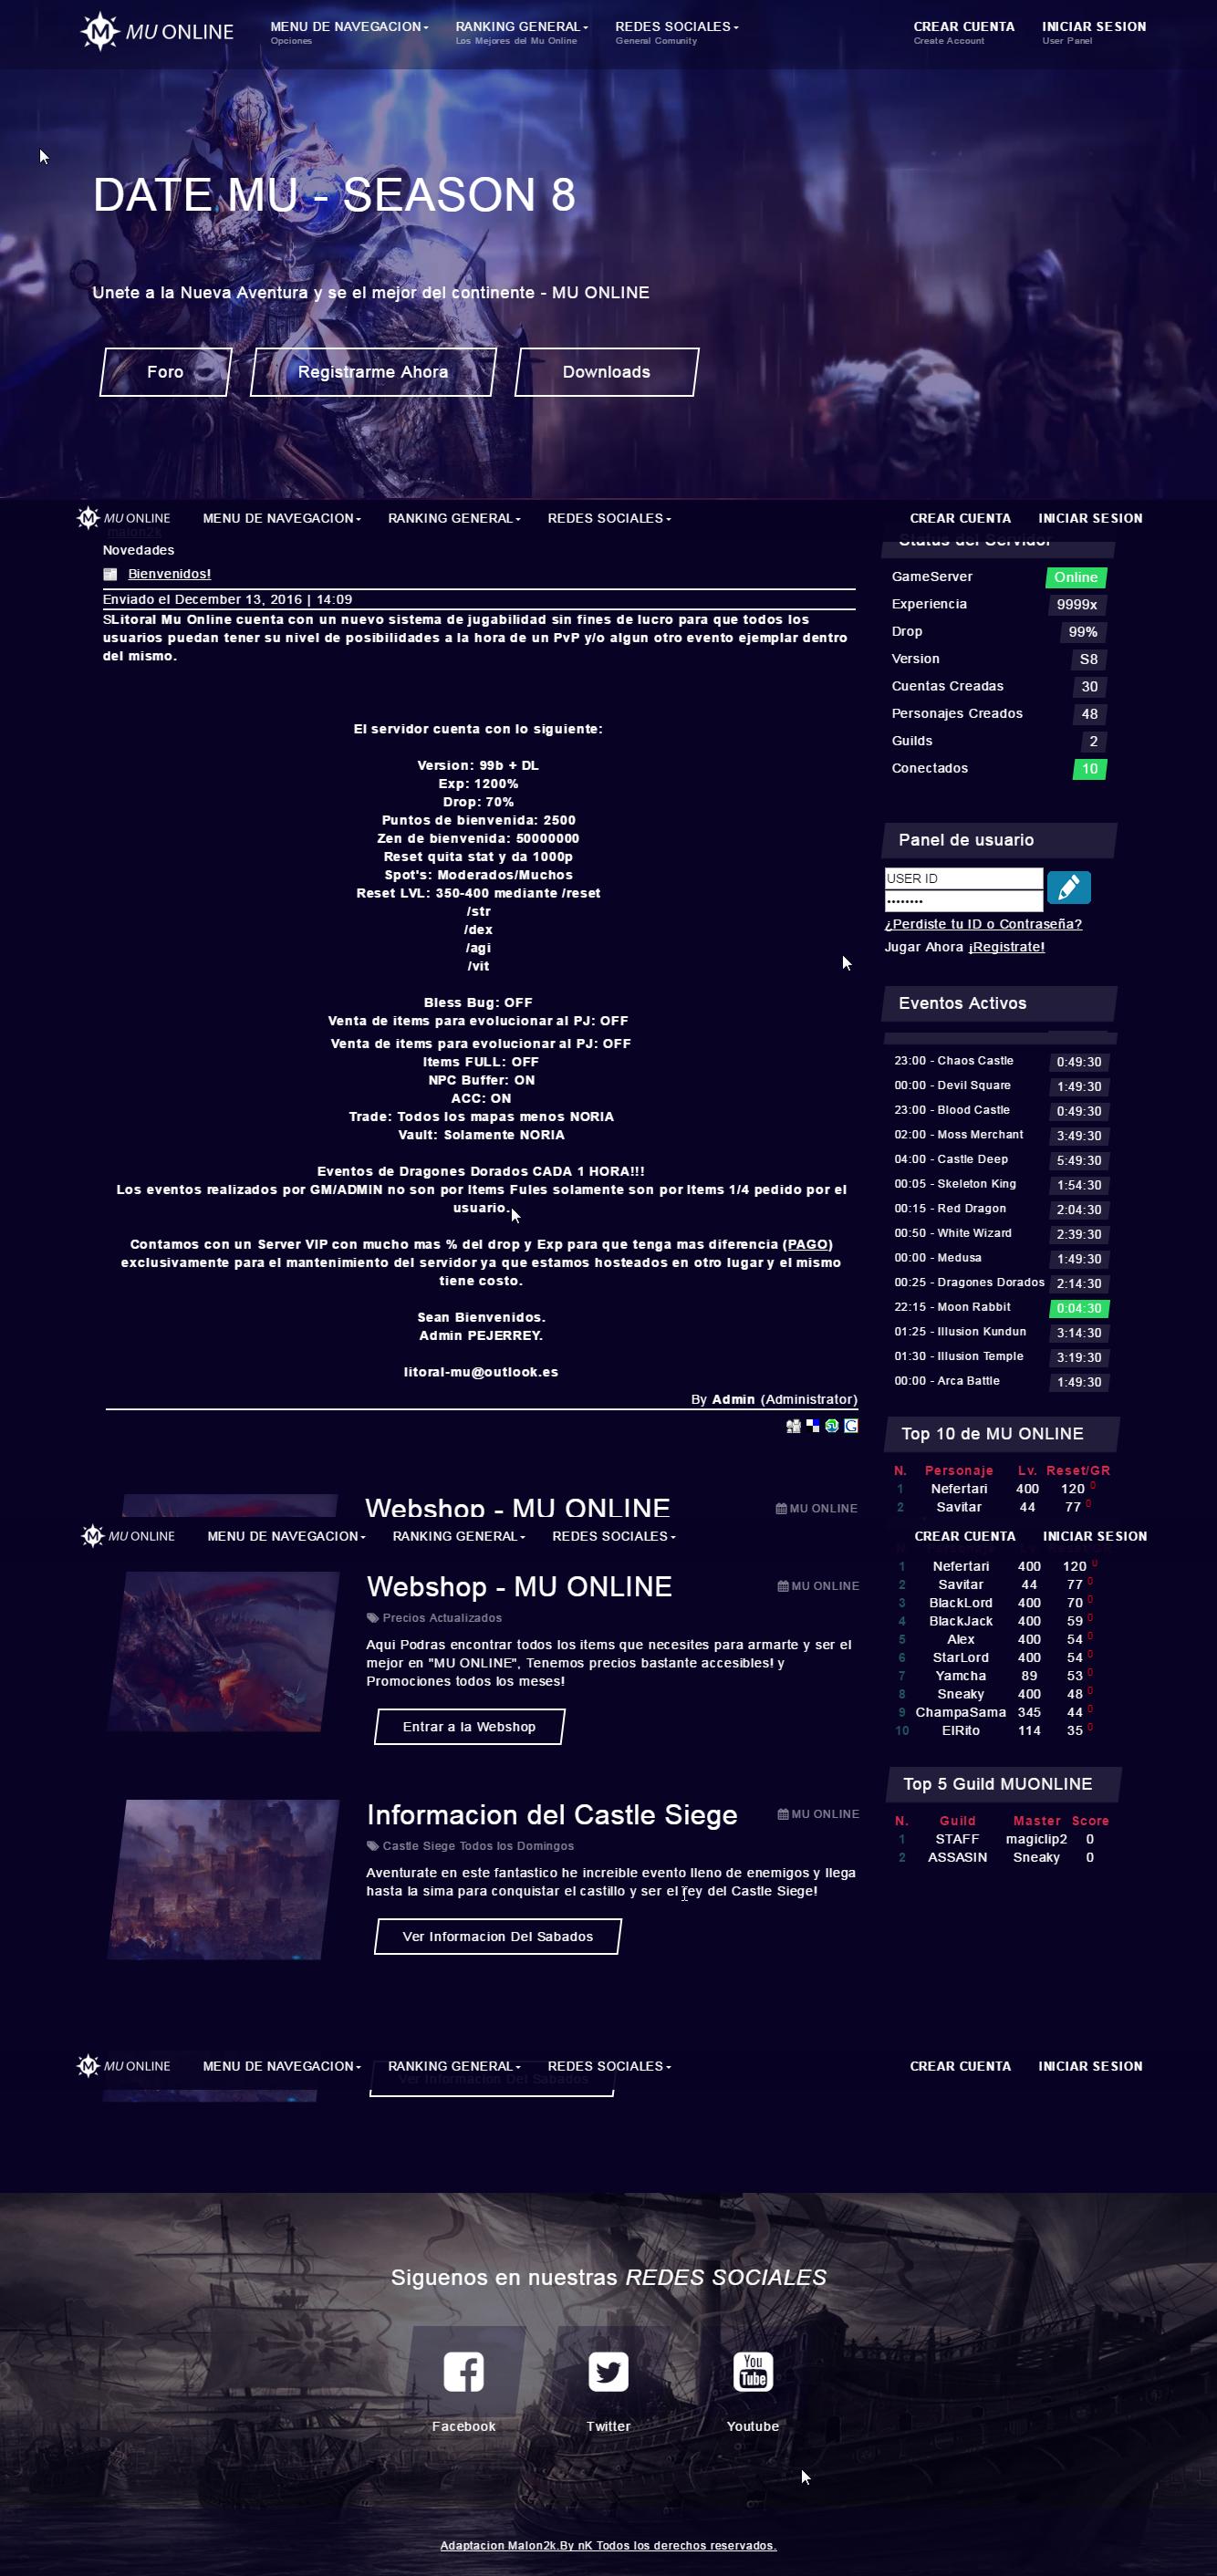 Mega Pack liberado webs mu core gratis, download link direto, web mu online atualizados, guias e tutoriais disponiveis - o melhor portal de mu online do Brasil [ Grupo AM ] - Criar mu online pirata